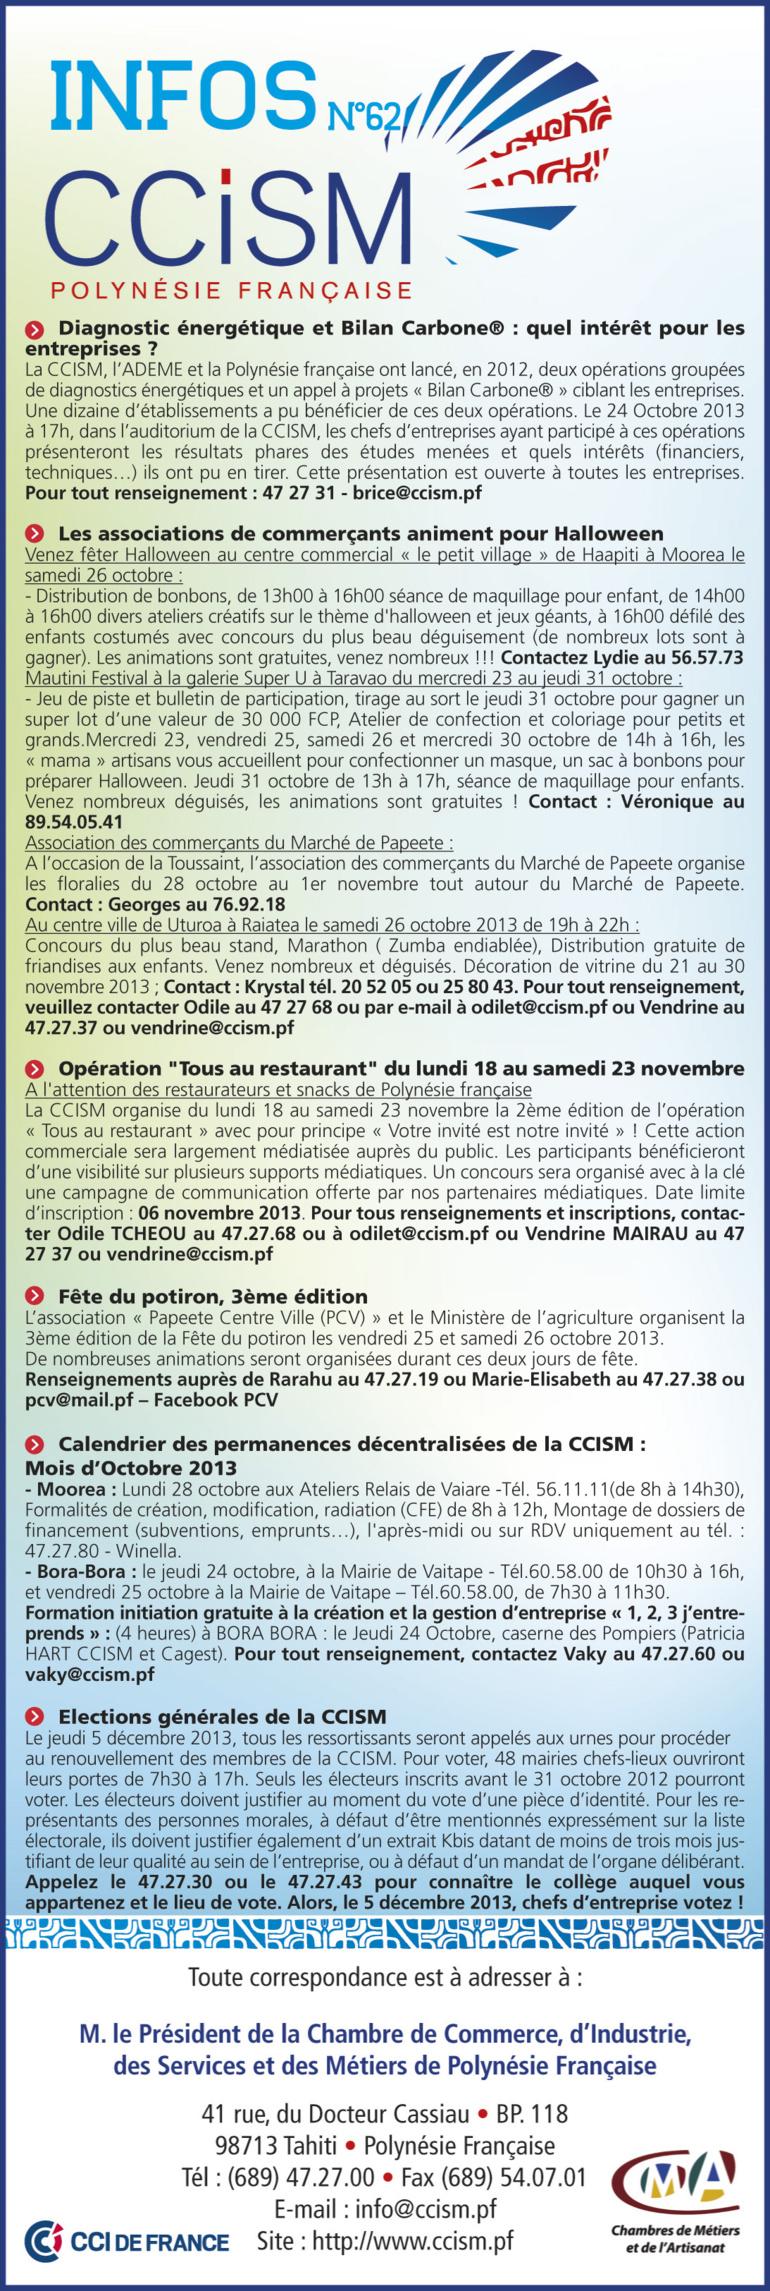 Infos CCISM N°62